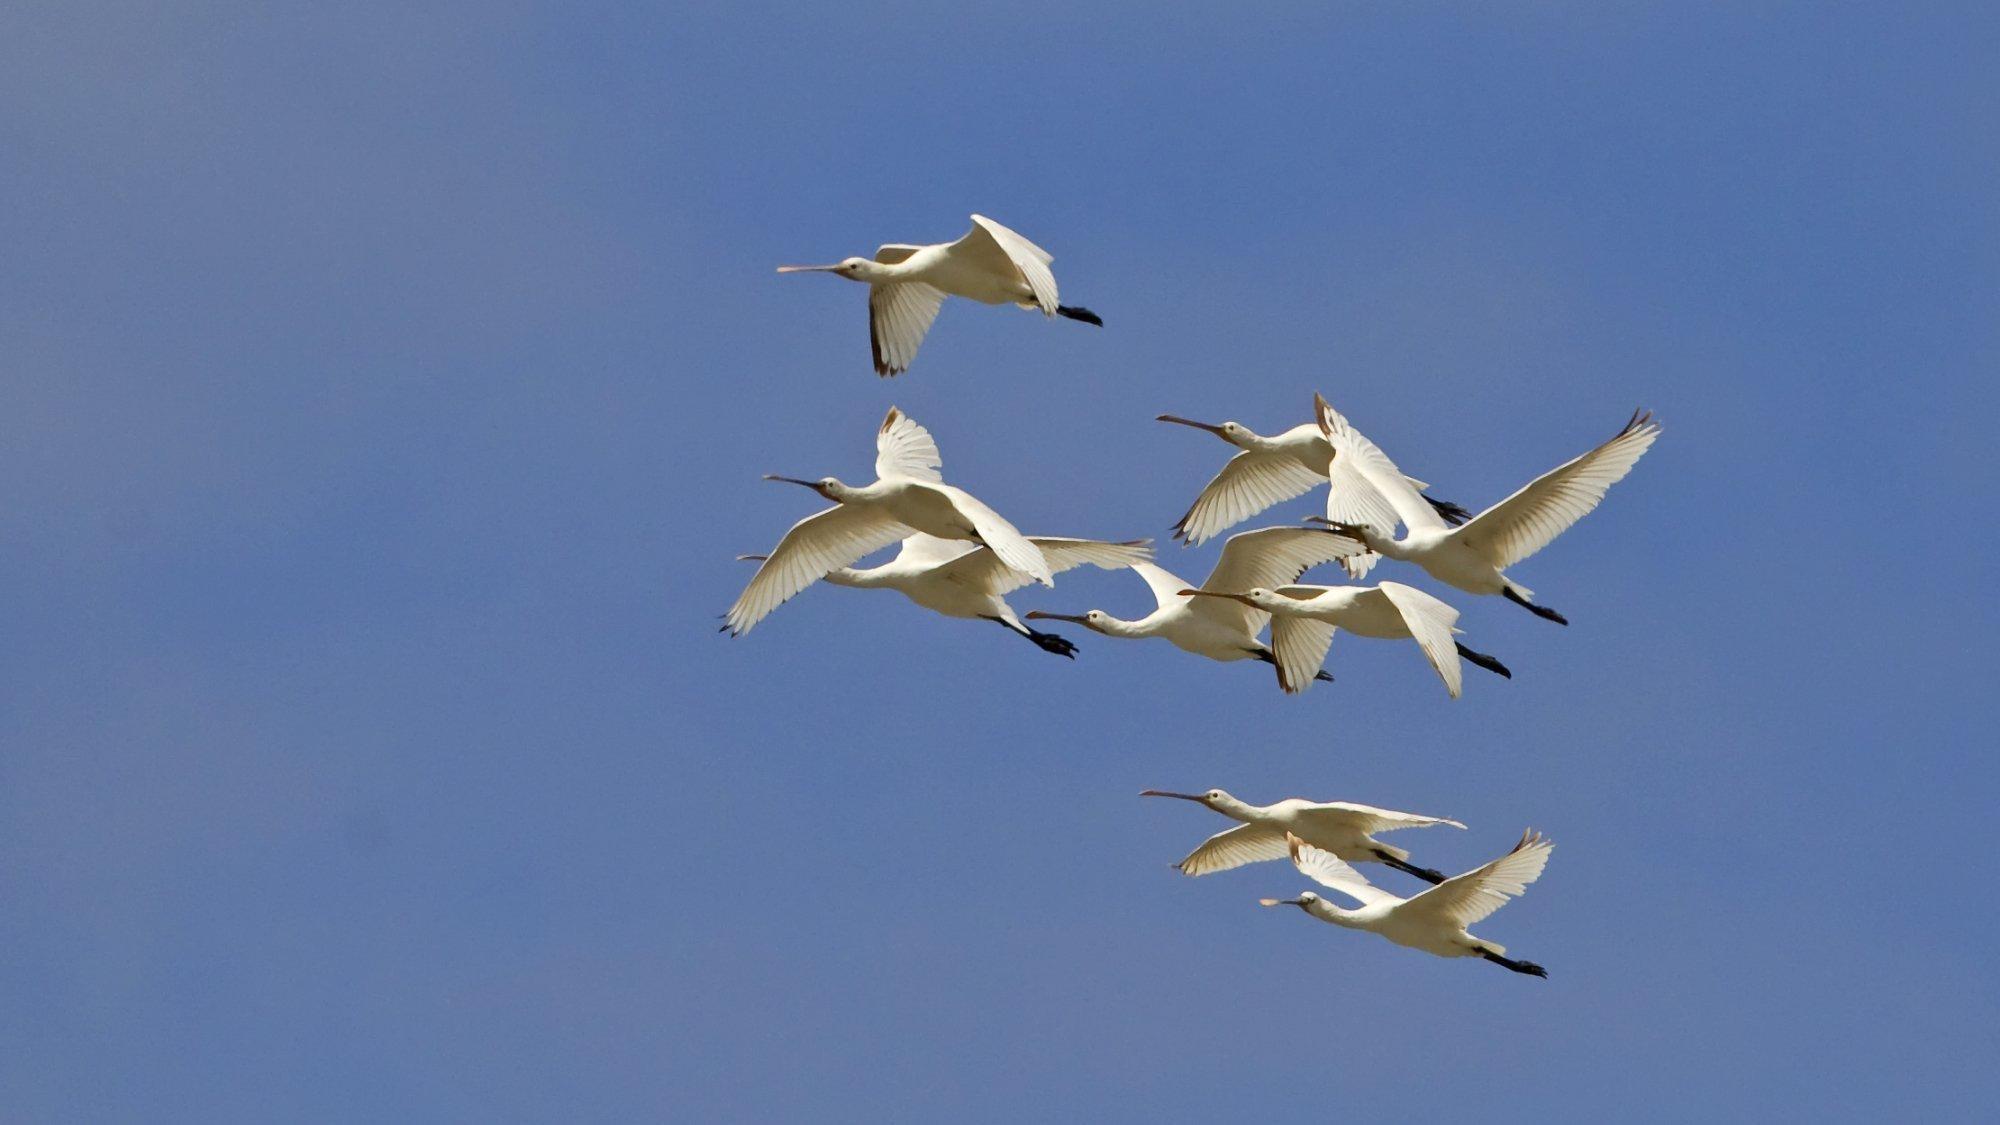 Das Bild zeigt eine Gruppe von Löfflern im Überflug. Die großen weißen Vögel haben lange Schnäbel mit einer breiten Spitze.